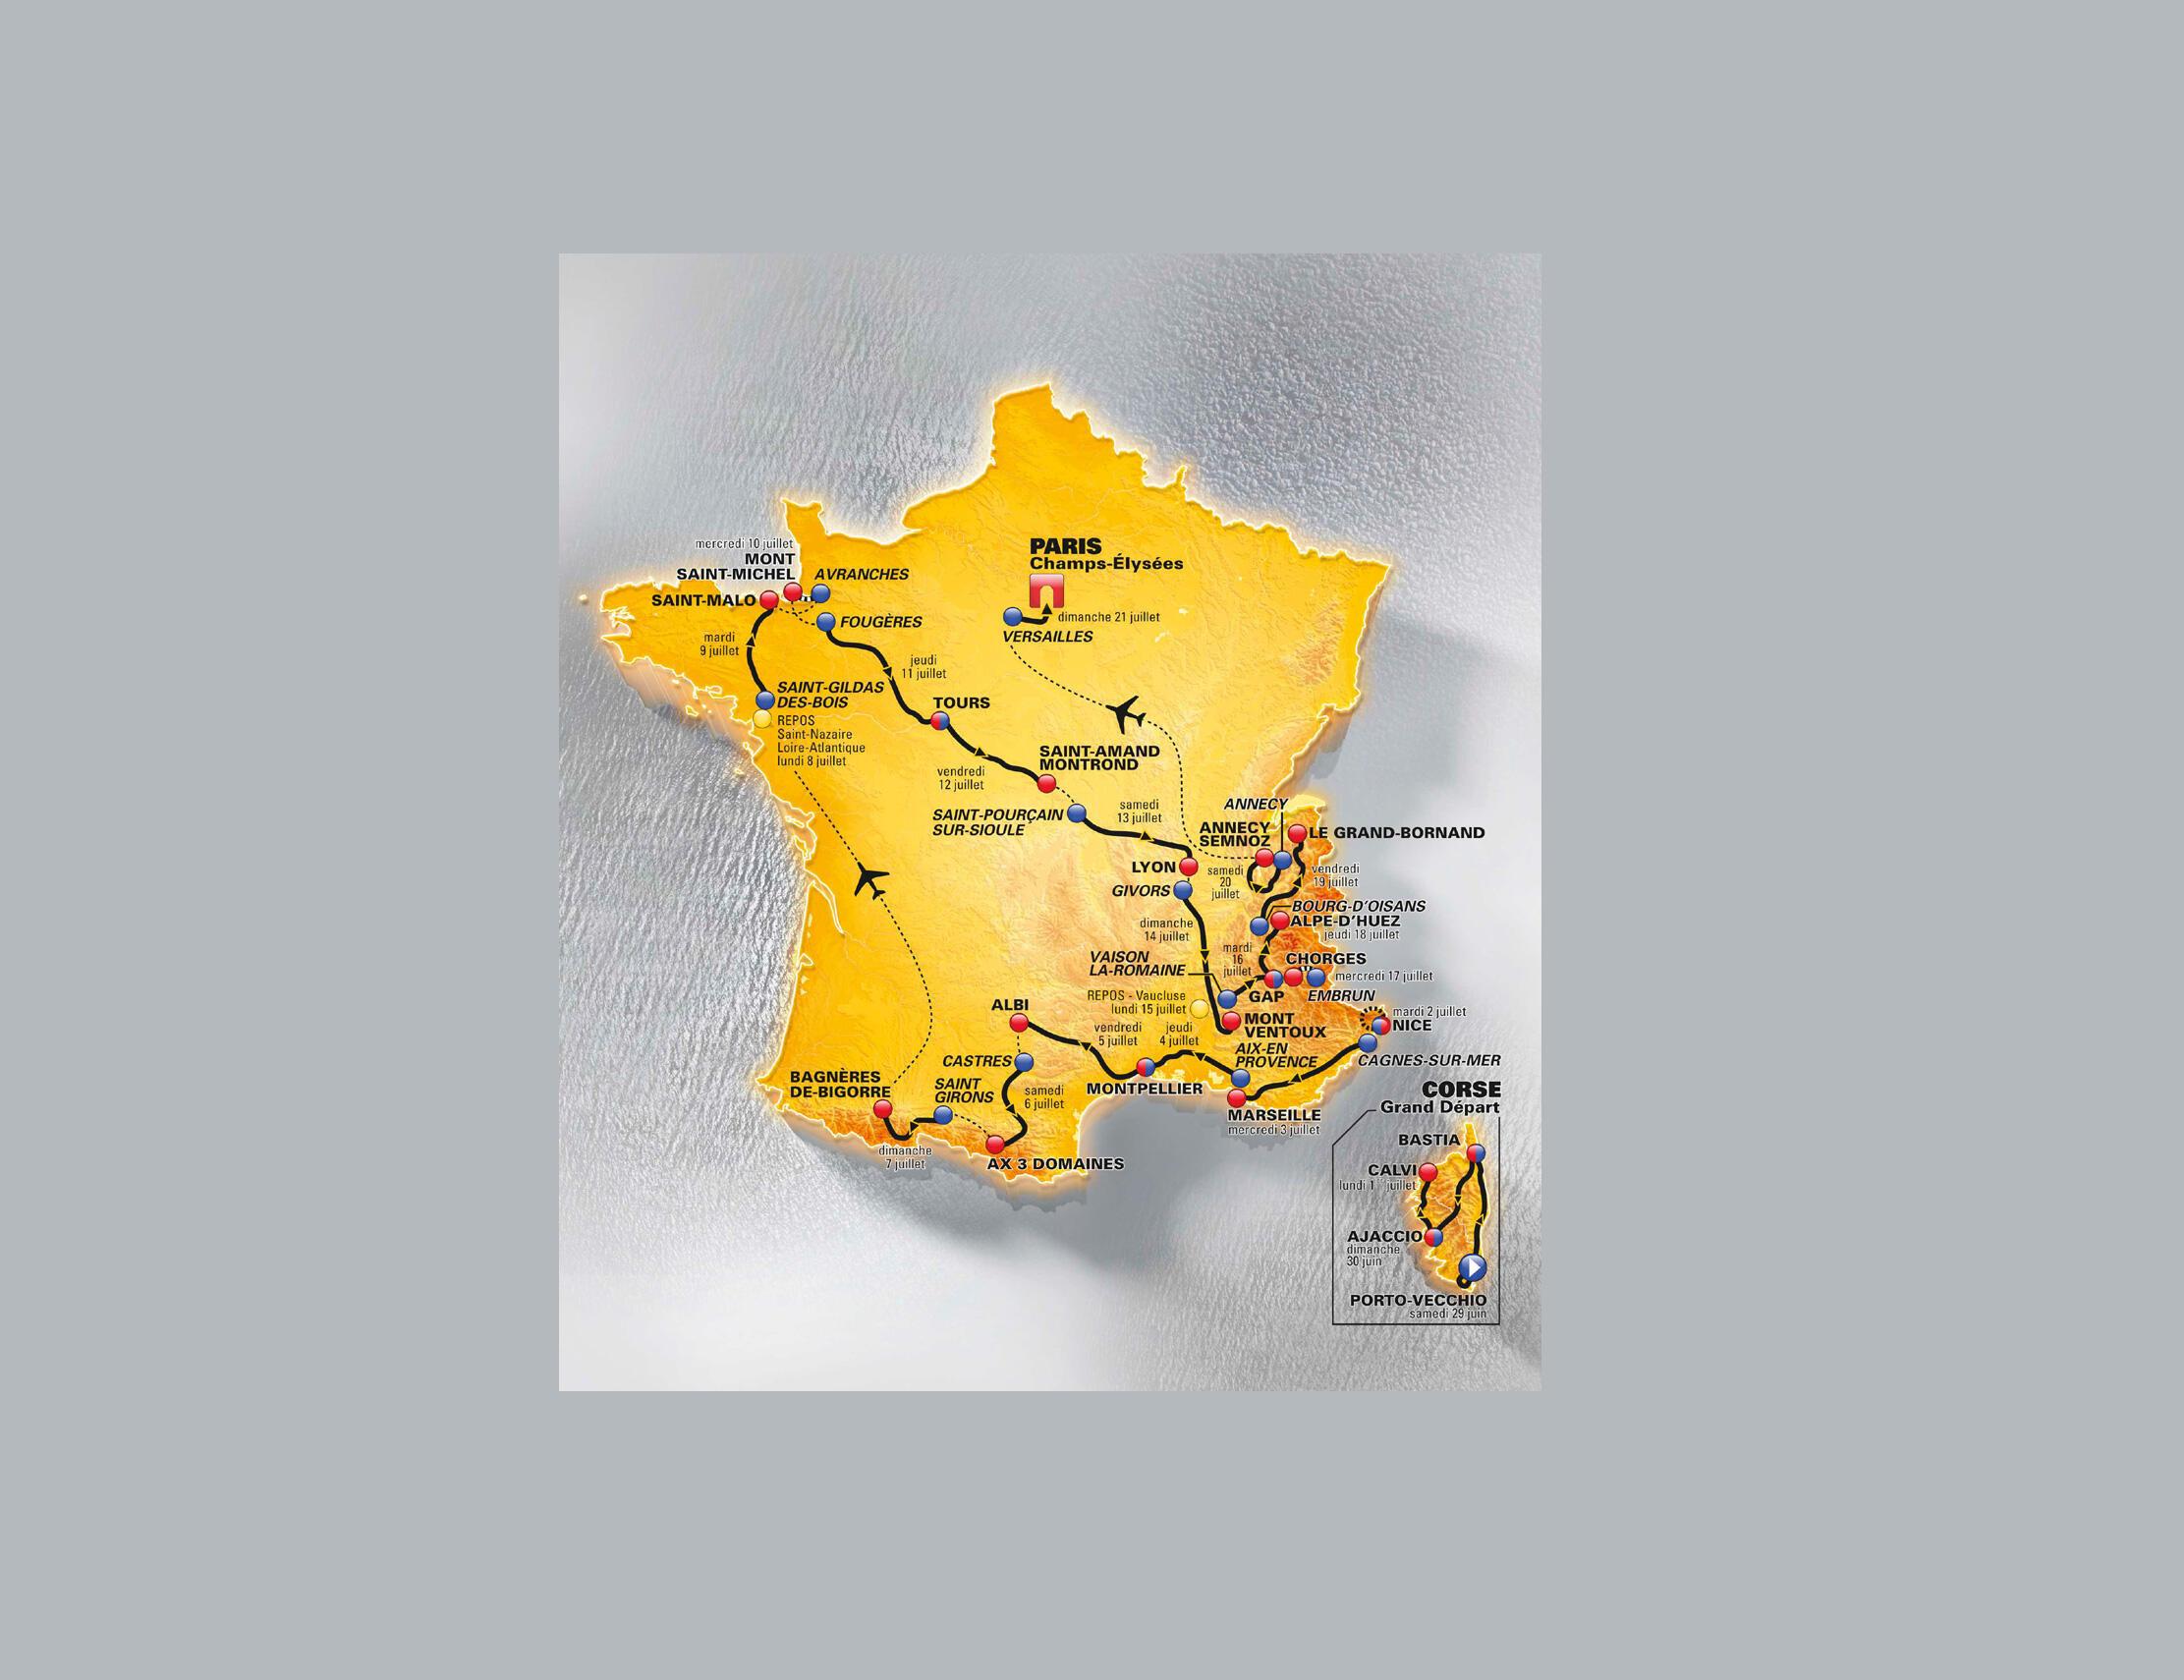 O itinerário da Volta da França 2013, revelado nesta quarta-feira, será 100% francês.